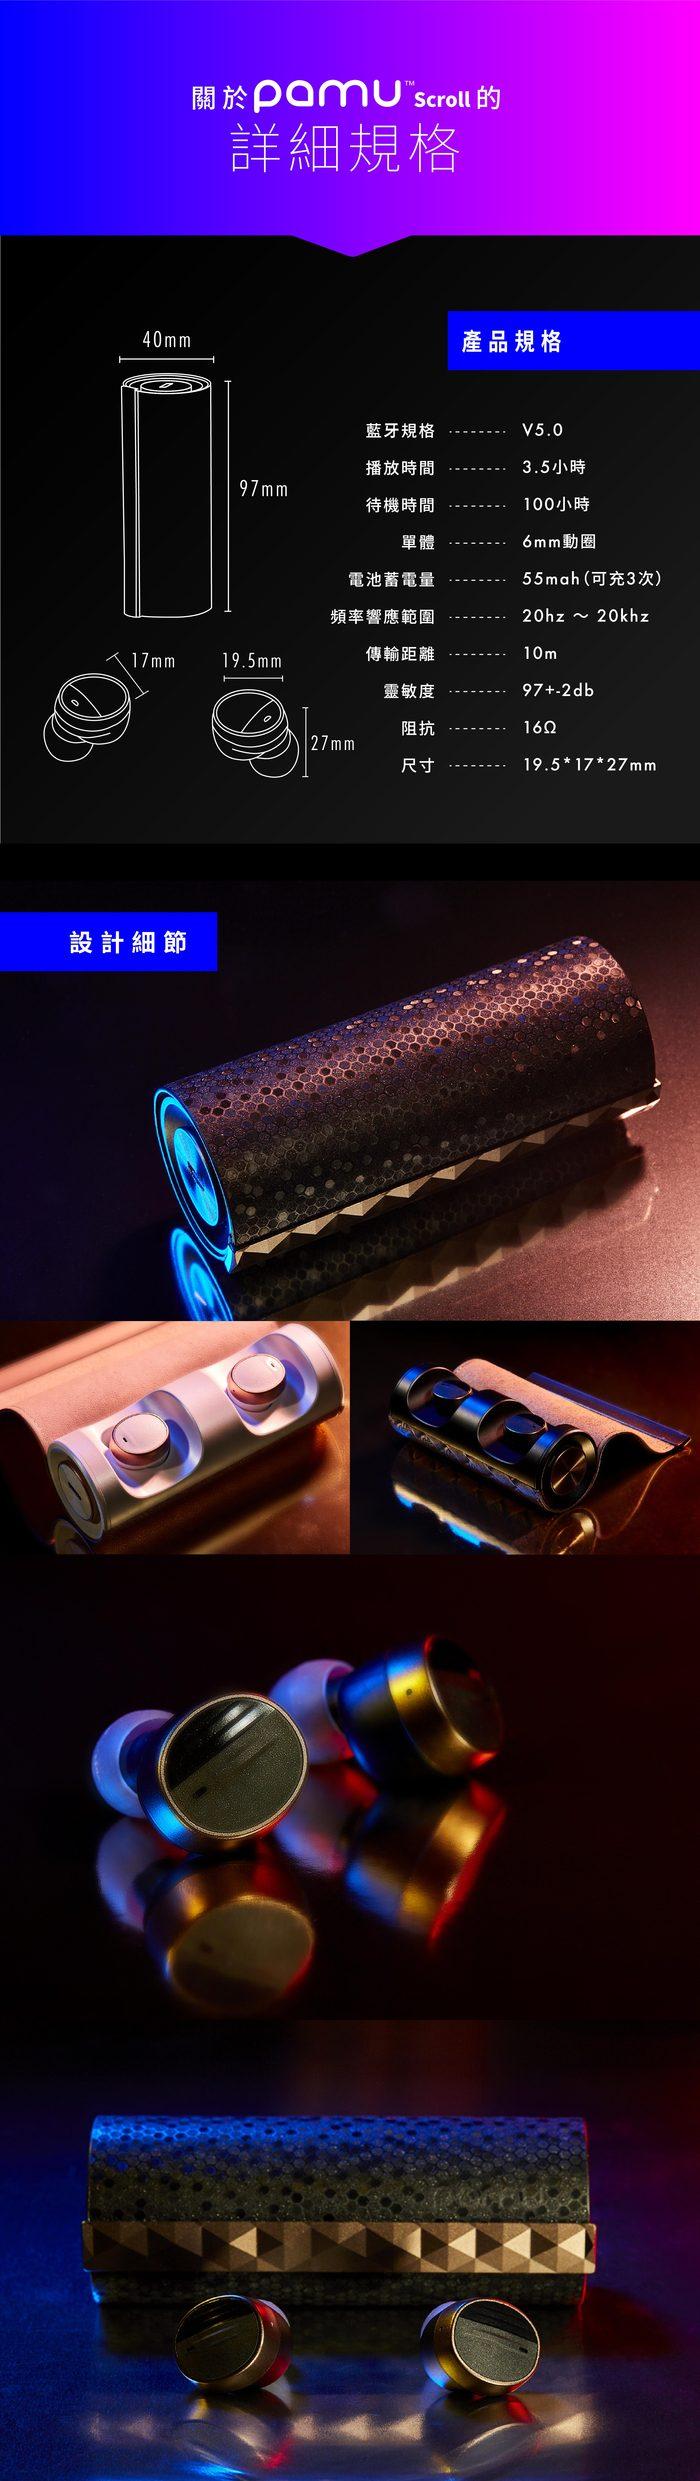 PaMu|Scroll 真無線藍牙耳機 - 數位黑